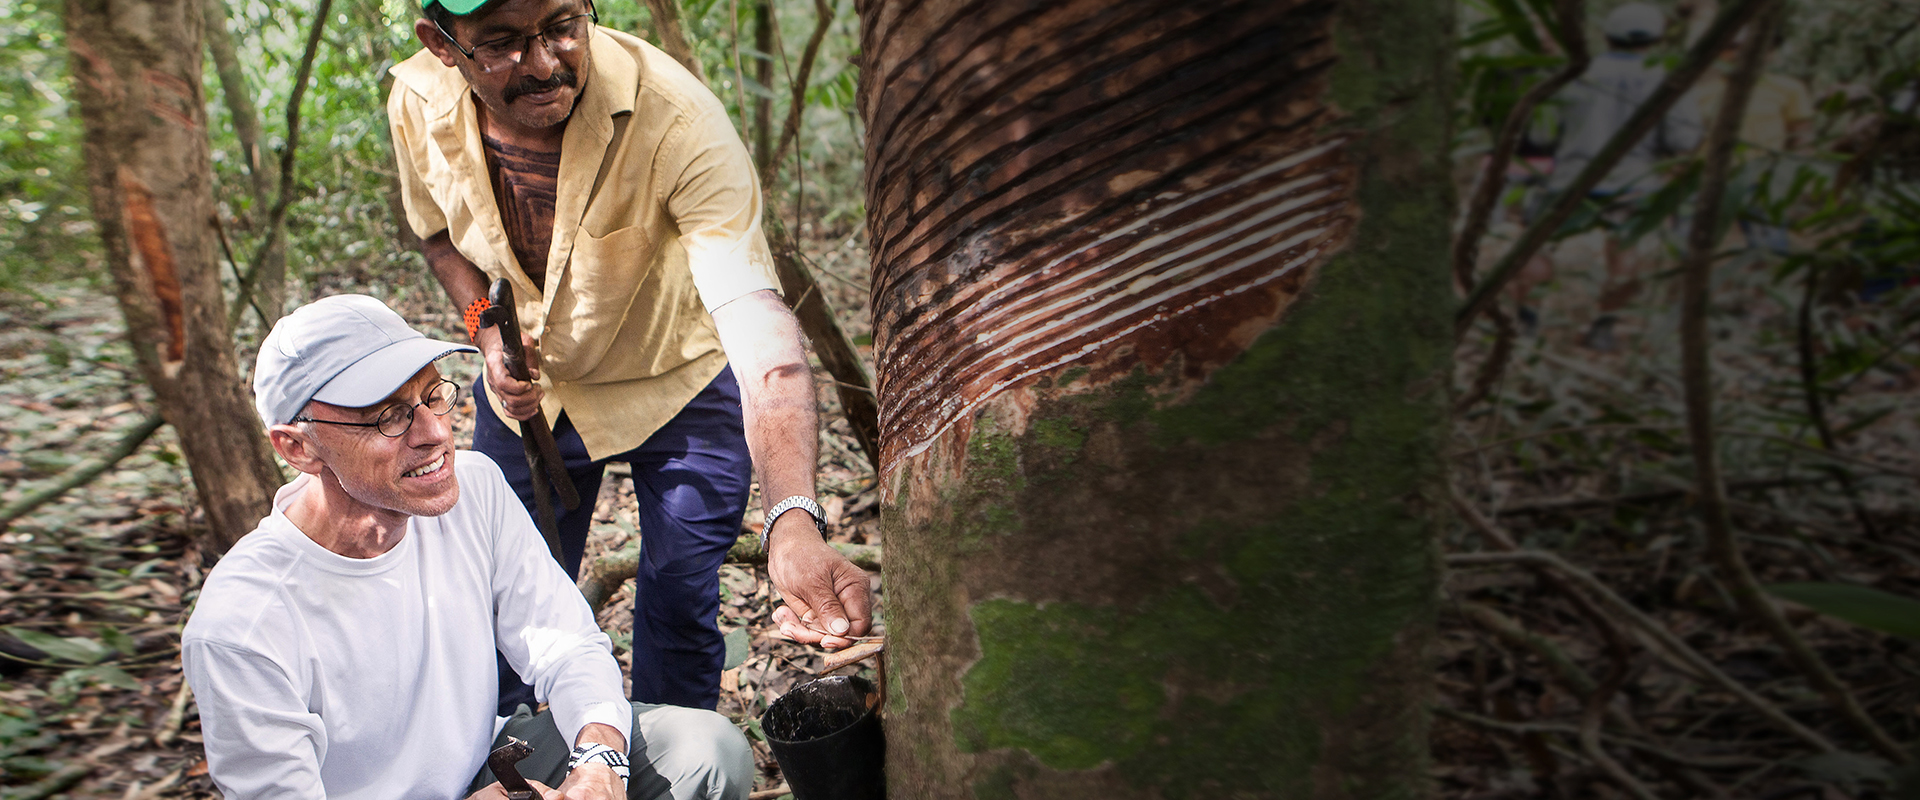 Projeto Borracha Nativa – Mercur alia responsabilidade ambiental e conhecimentos tradicionais da Amazônia